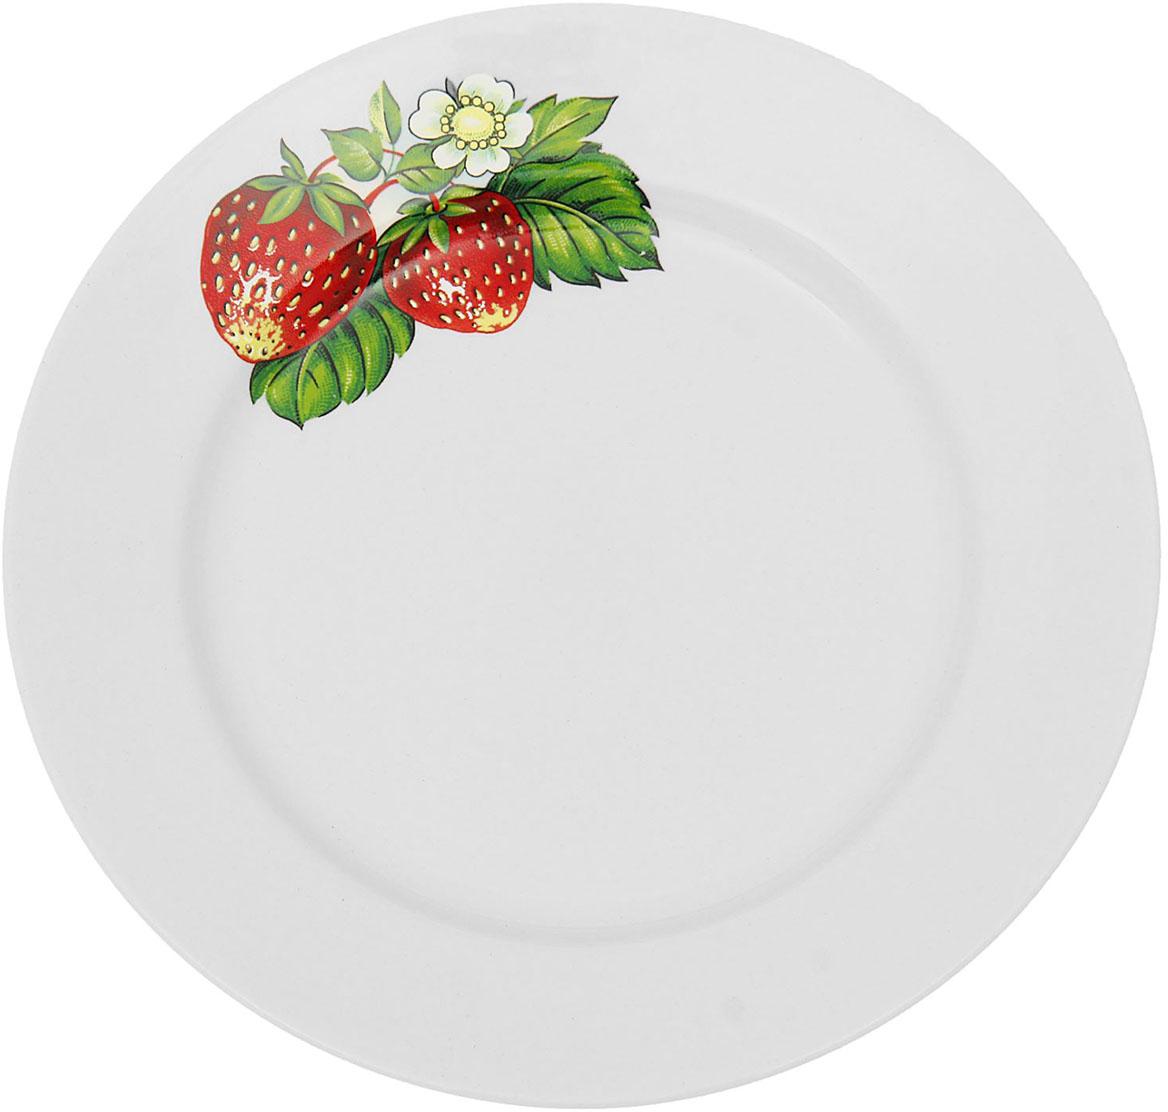 Тарелка мелкая Керамика ручной работы Земляничная пара, диаметр 20 см1821309Данная тарелка понравится любителям вкусной и полезной домашней пищи. Такая посуда практична и красива, в ней можно хранить и подавать разнообразные блюда. При многократном использовании изделие сохранит свой вид и выдержит мытье в посудомоечной машине. В керамической емкости горячая пища долго сохраняет свое тепло, остуженные блюда остаются прохладными. Изделие не выделяет вредных веществ при нагревании и длительном хранении за счет экологичности материала.